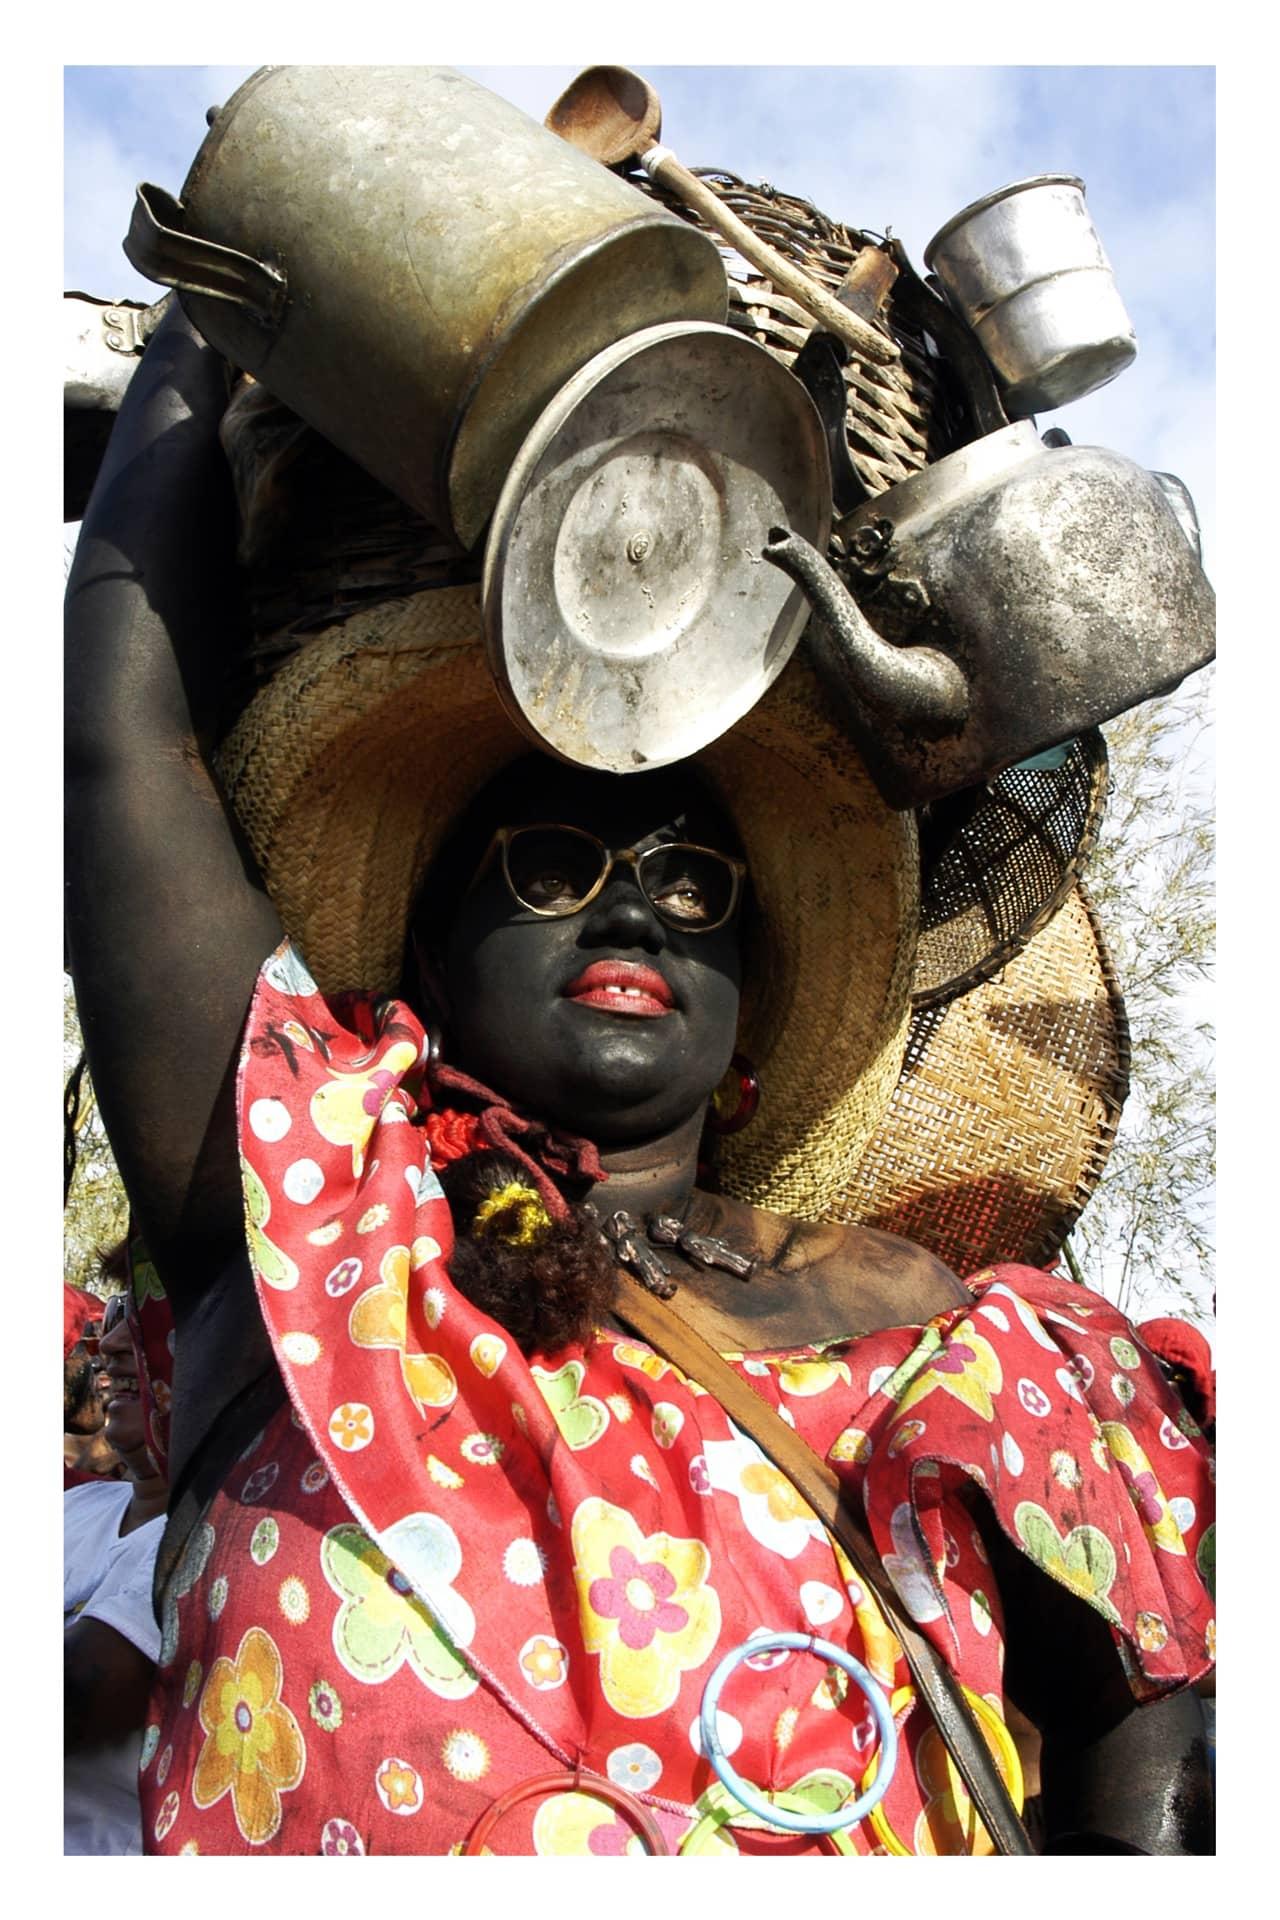 Imagem: Na Festa dos Lambe-Sujos e Caboclinhos, Mãe Suzana é a matriarca que alimenta os negros. Por isso, carrega na cabeça utensílios de todo tipo. Foto: Lucio Telles.